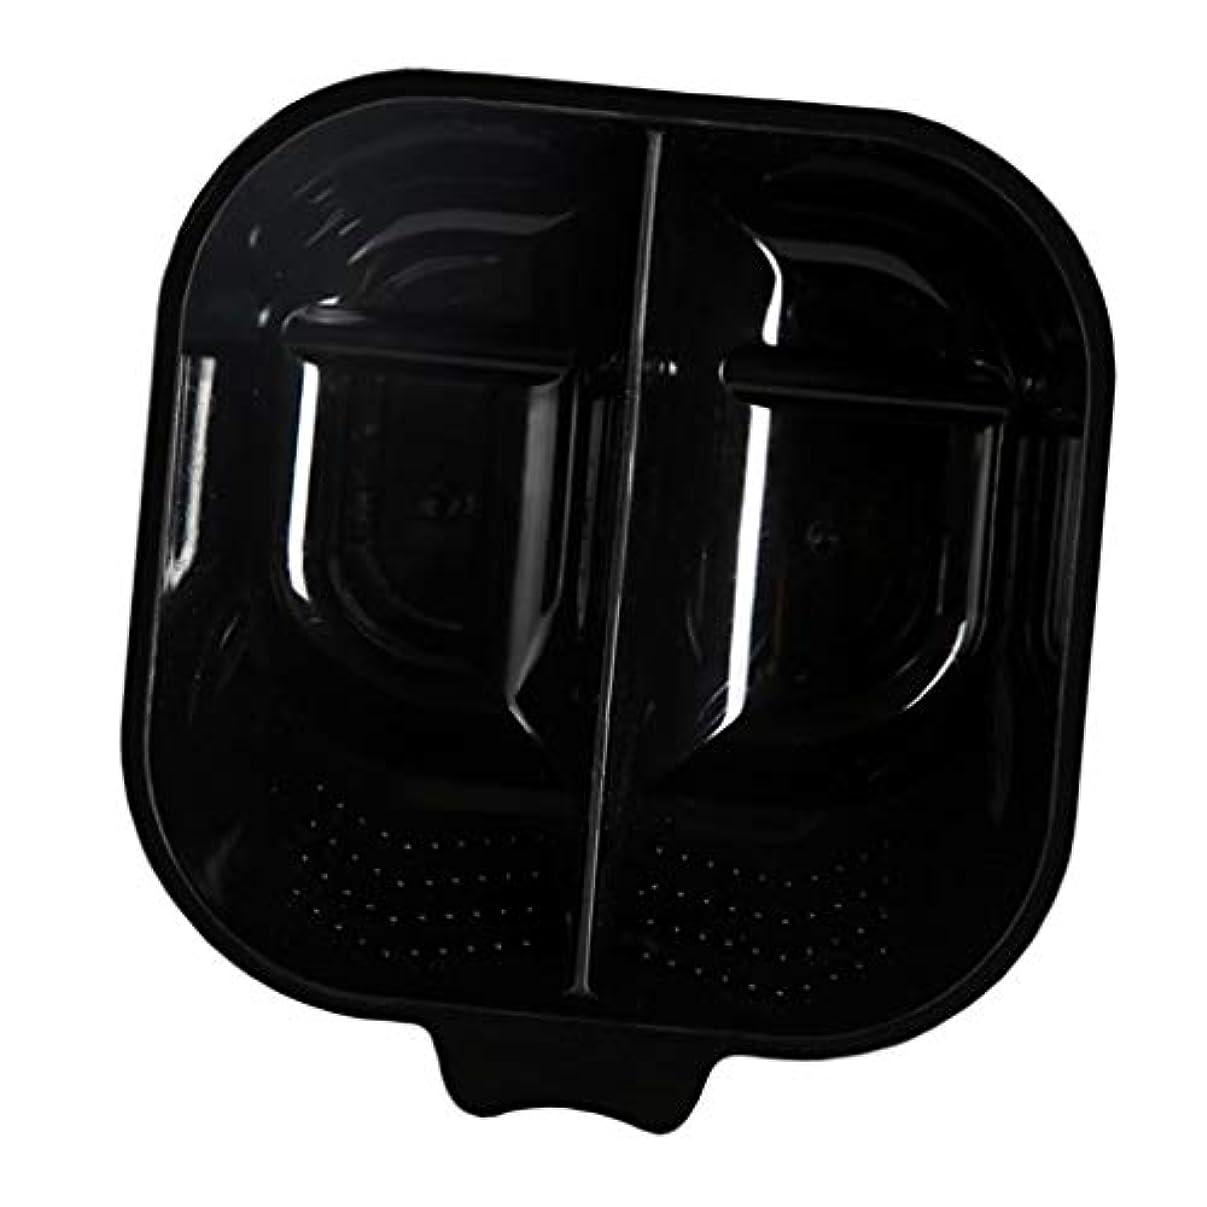 美容師啓発する吸うヘアカップ ヘアカラーボウル ヘアダイカップ 染料 混合ボール 滑り止め サロン 自宅 便利 全3色 - ブラック